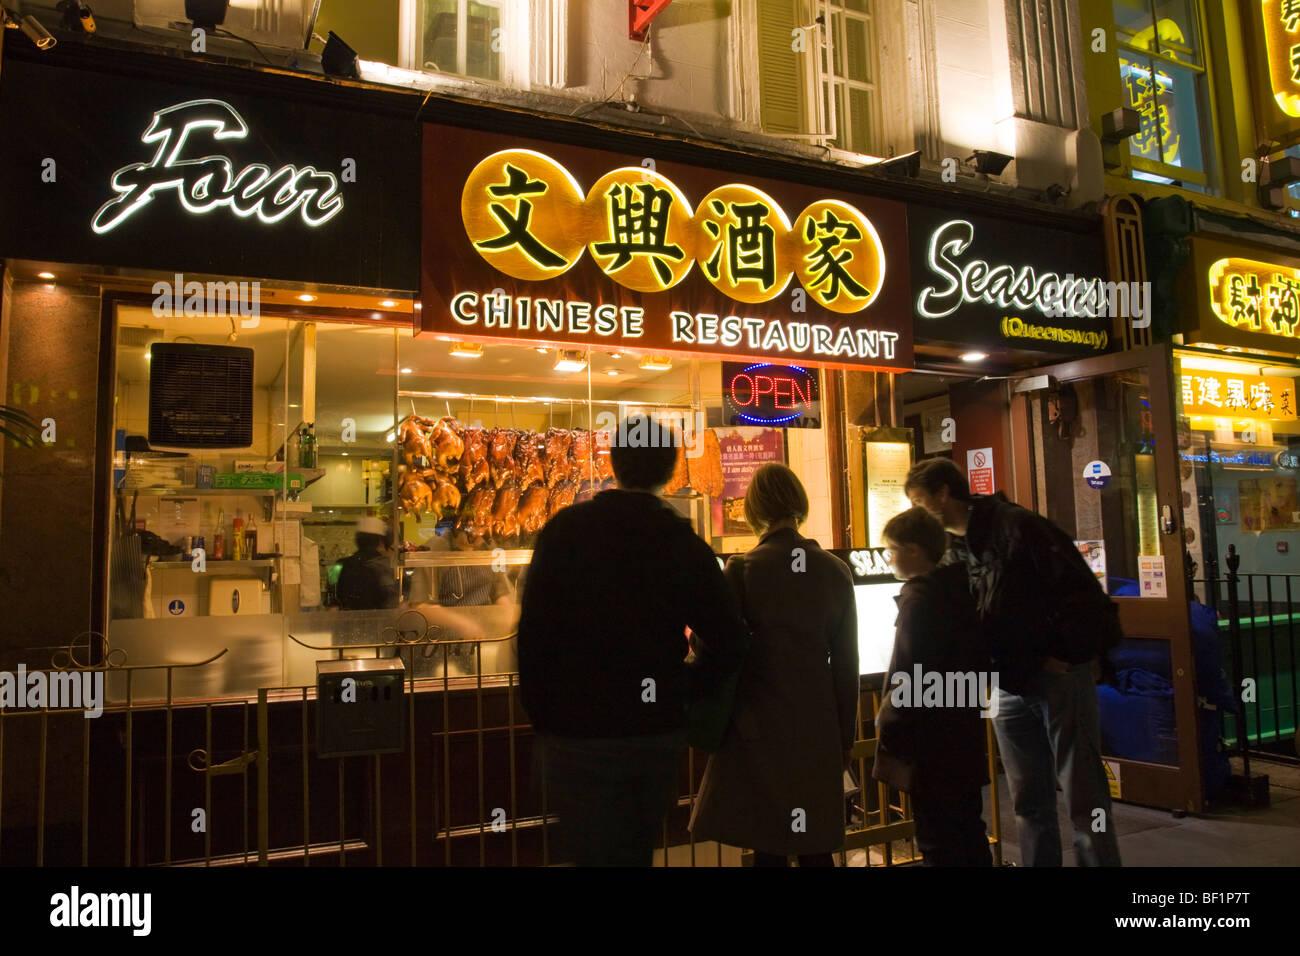 Chinese Restaurant - Chinatown - Soho - London Stock Photo